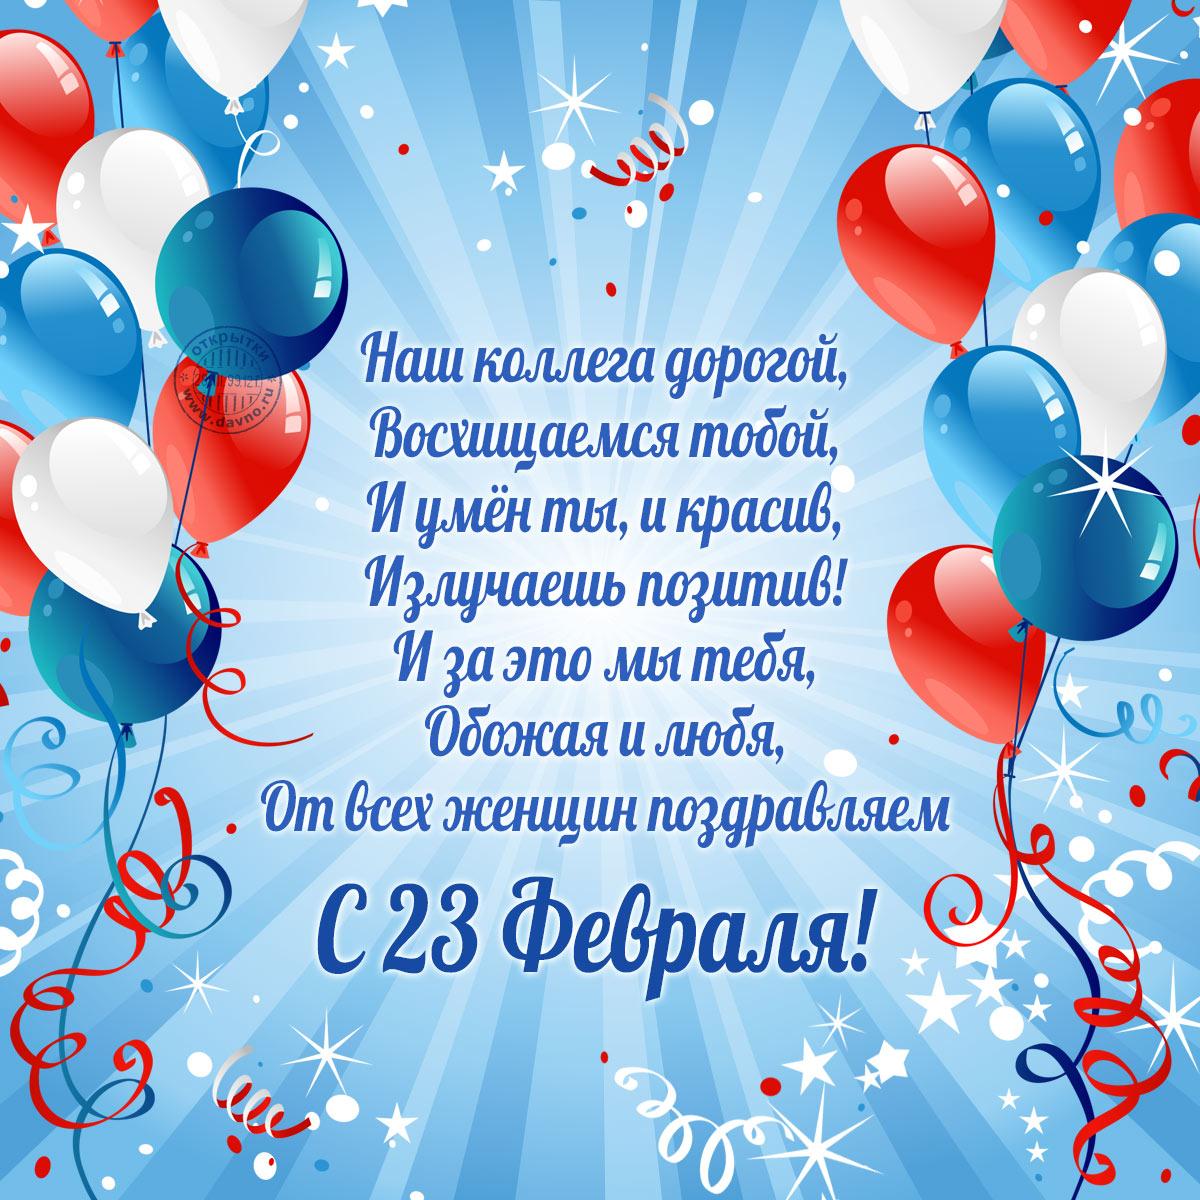 Поздравления по именам на 23 февраля прикольные